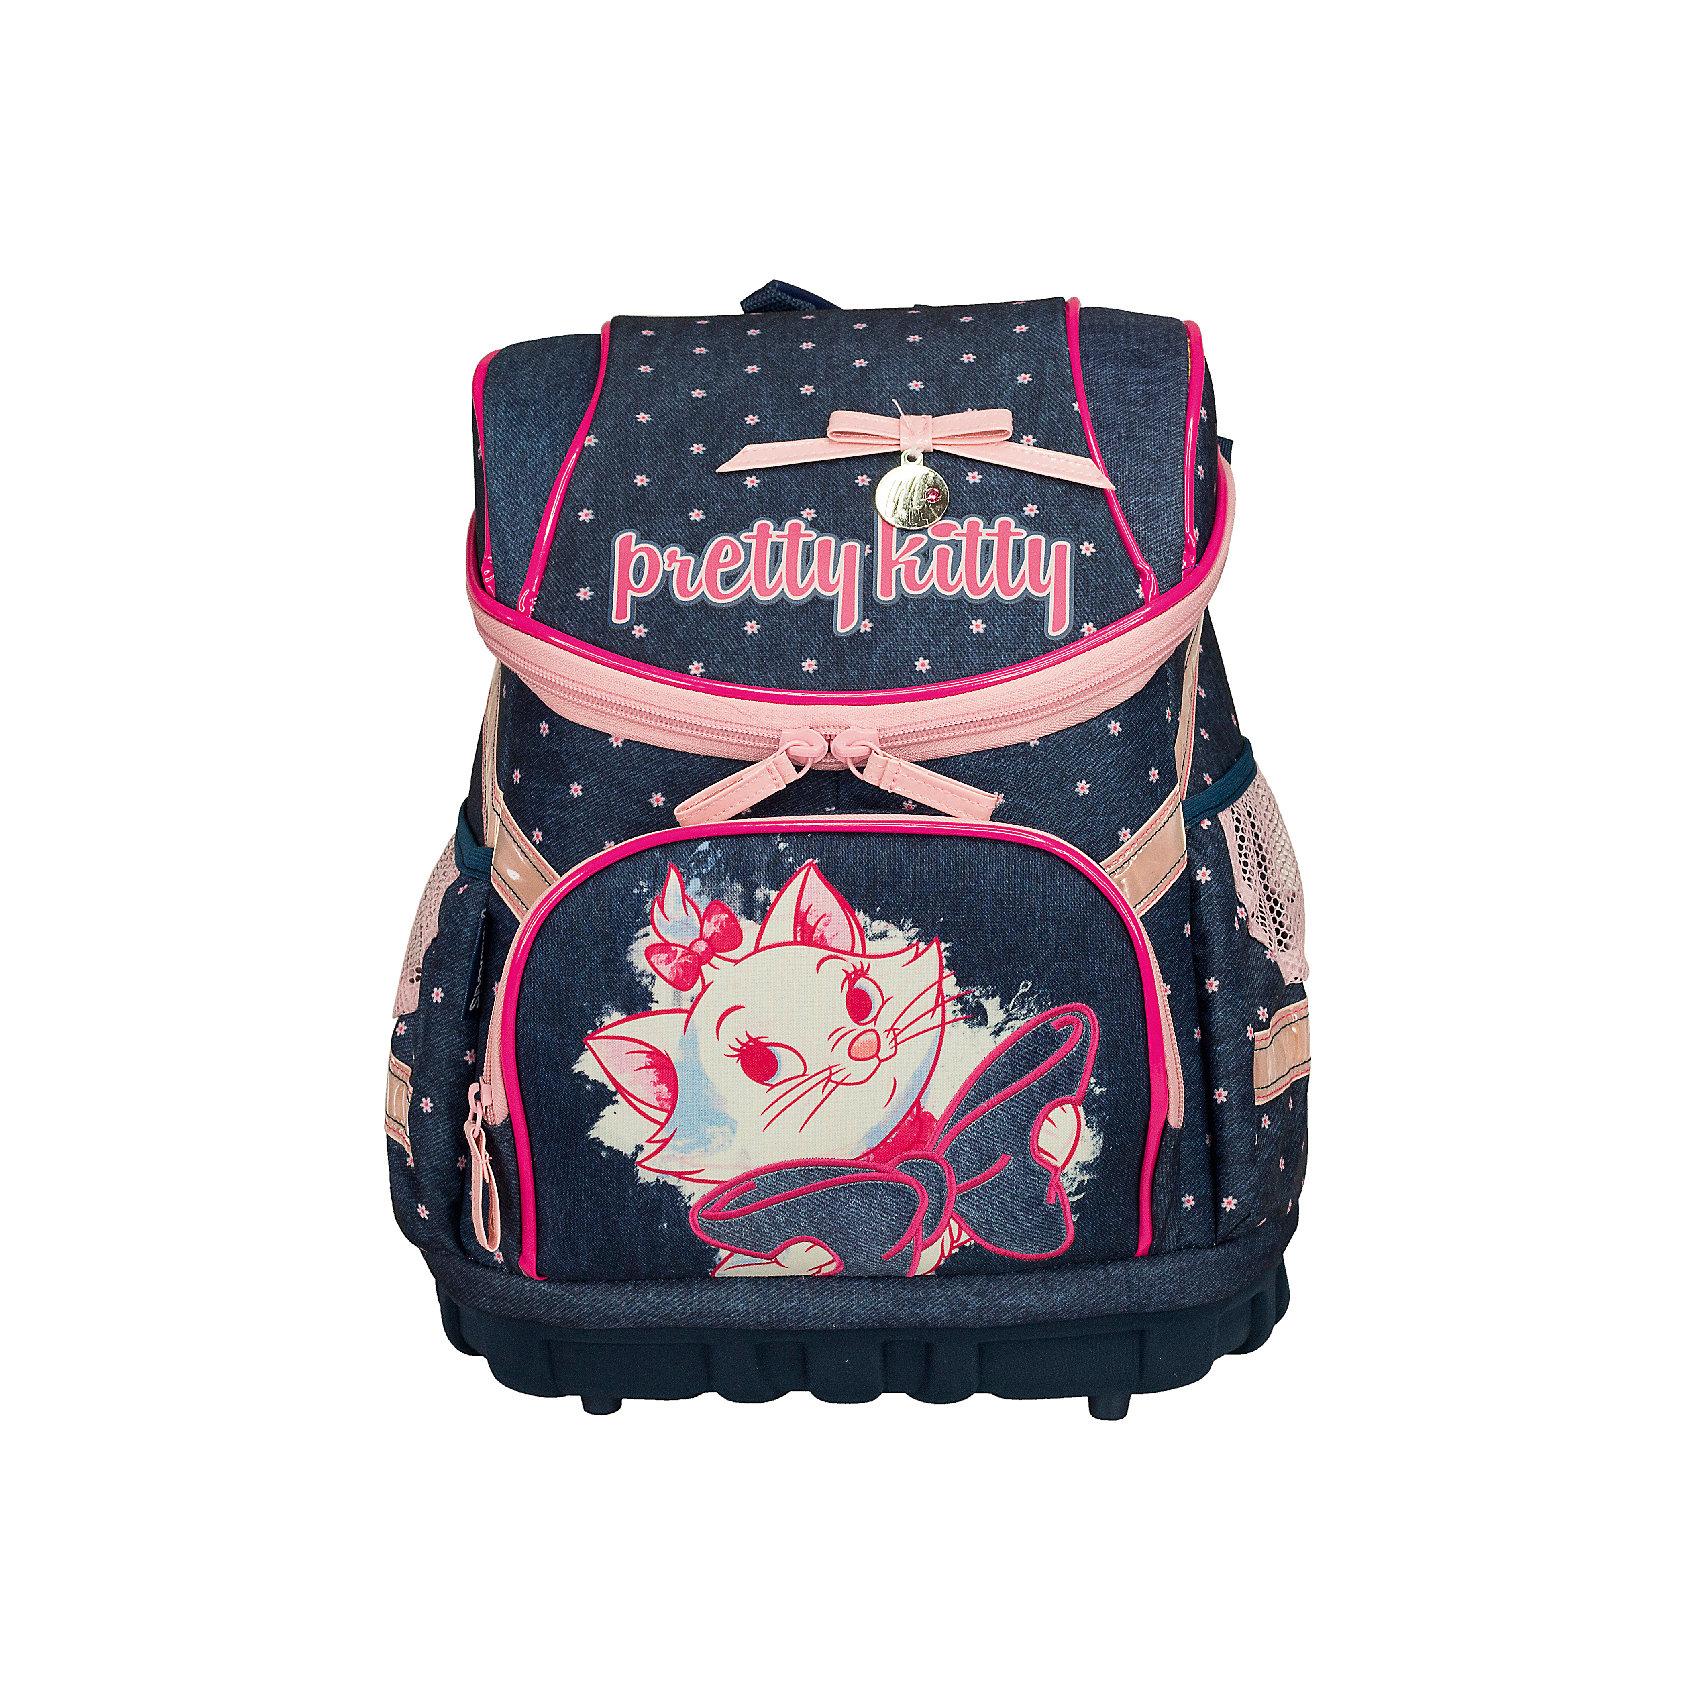 Профилактический рюкзак Кошка МариПрофилактический рюкзак, Кошка Мари - это функциональный, удобный и стильный рюкзак.<br>Профилактический рюкзак, Кошка Мари выполнен из современного легкого и прочного материала и дополнен яркой аппликацией в виде милой кошечки. Рюкзак содержит два отделения, закрывающиеся сверху клапаном на застежке-молнии. Внутри имеется резинка, которая фиксирует папки и книжки. На лицевой стороне рюкзака расположен карман на молнии для пенала. По бокам - два сетчатых кармана. Спинка выполнена с использованием толстого поролона, усилена пластиком, стенки - из EVA, благодаря этому рюкзак не меняет своей формы в нагруженном состоянии. Дно рюкзака выполнено в виде поддона, что делает его более устойчивым. Широкие мягкие лямки регулируются по длине и равномерно распределяют нагрузку на плечевой пояс. Рюкзак оснащен текстильной ручкой с резиновым обхватом для удобной переноски. Светоотражающие элементы обеспечат безопасность в темное время суток.<br><br>Дополнительная информация:<br><br>- Материал: полиэстер<br>- Размер: 36 х 30 х 18 см.<br>- Вес: 649 гр.<br><br>Профилактический рюкзак, Кошка Мари можно купить в нашем интернет-магазине.<br><br>Ширина мм: 360<br>Глубина мм: 300<br>Высота мм: 180<br>Вес г: 649<br>Возраст от месяцев: 96<br>Возраст до месяцев: 108<br>Пол: Женский<br>Возраст: Детский<br>SKU: 4489558